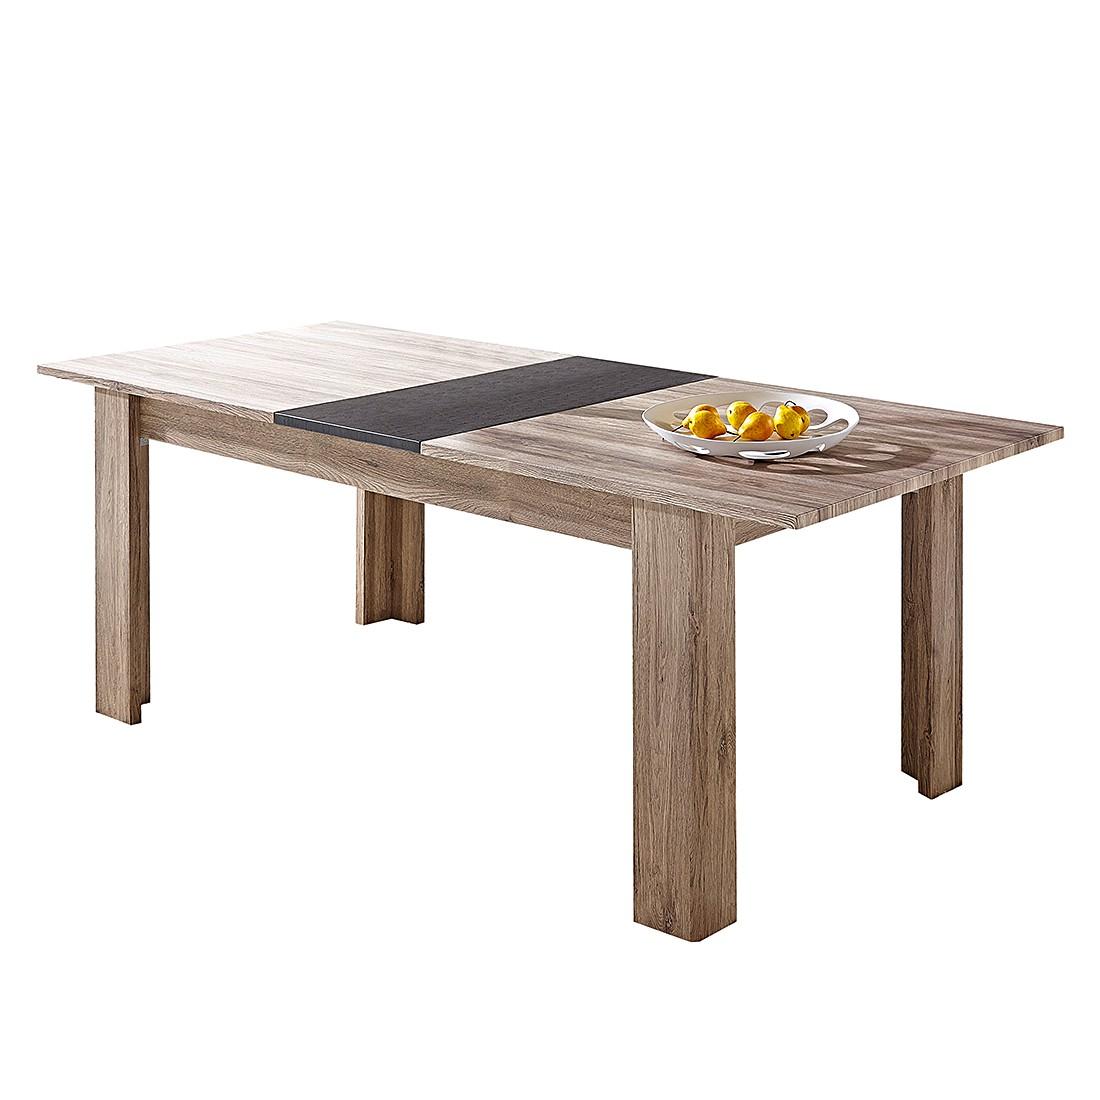 Eettafel Theta (met uitschuiffunctie) - Donkere San Remo eikenhouten look, Naturoo